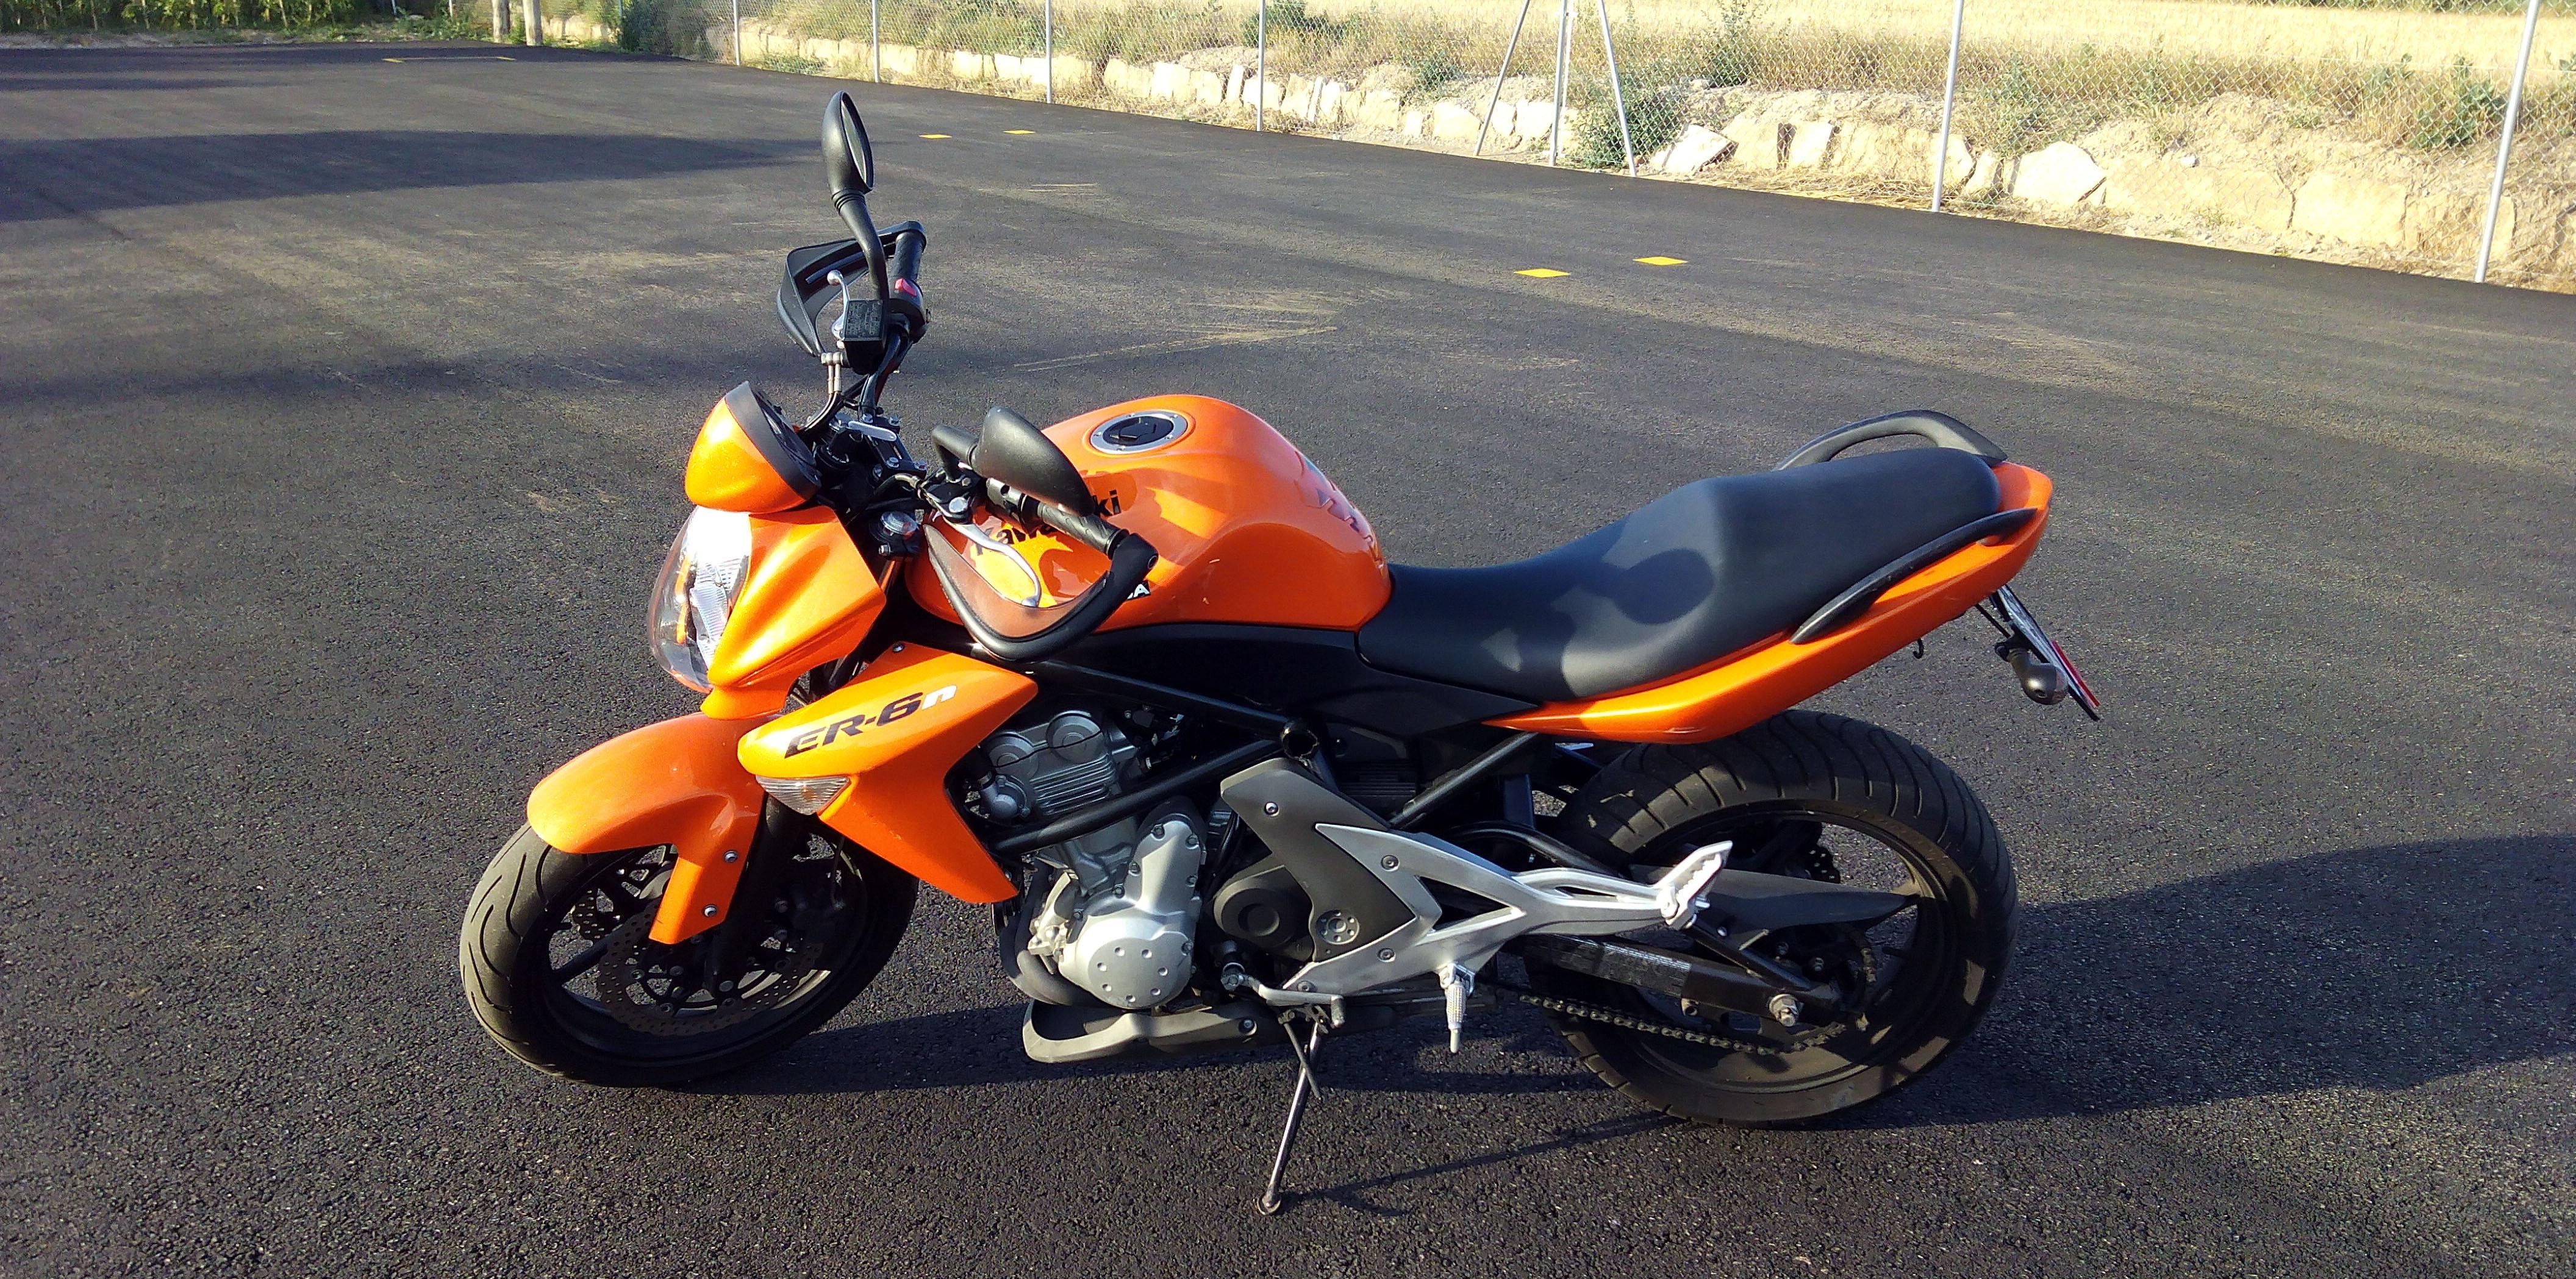 Kawasaki-ER6N-650cc